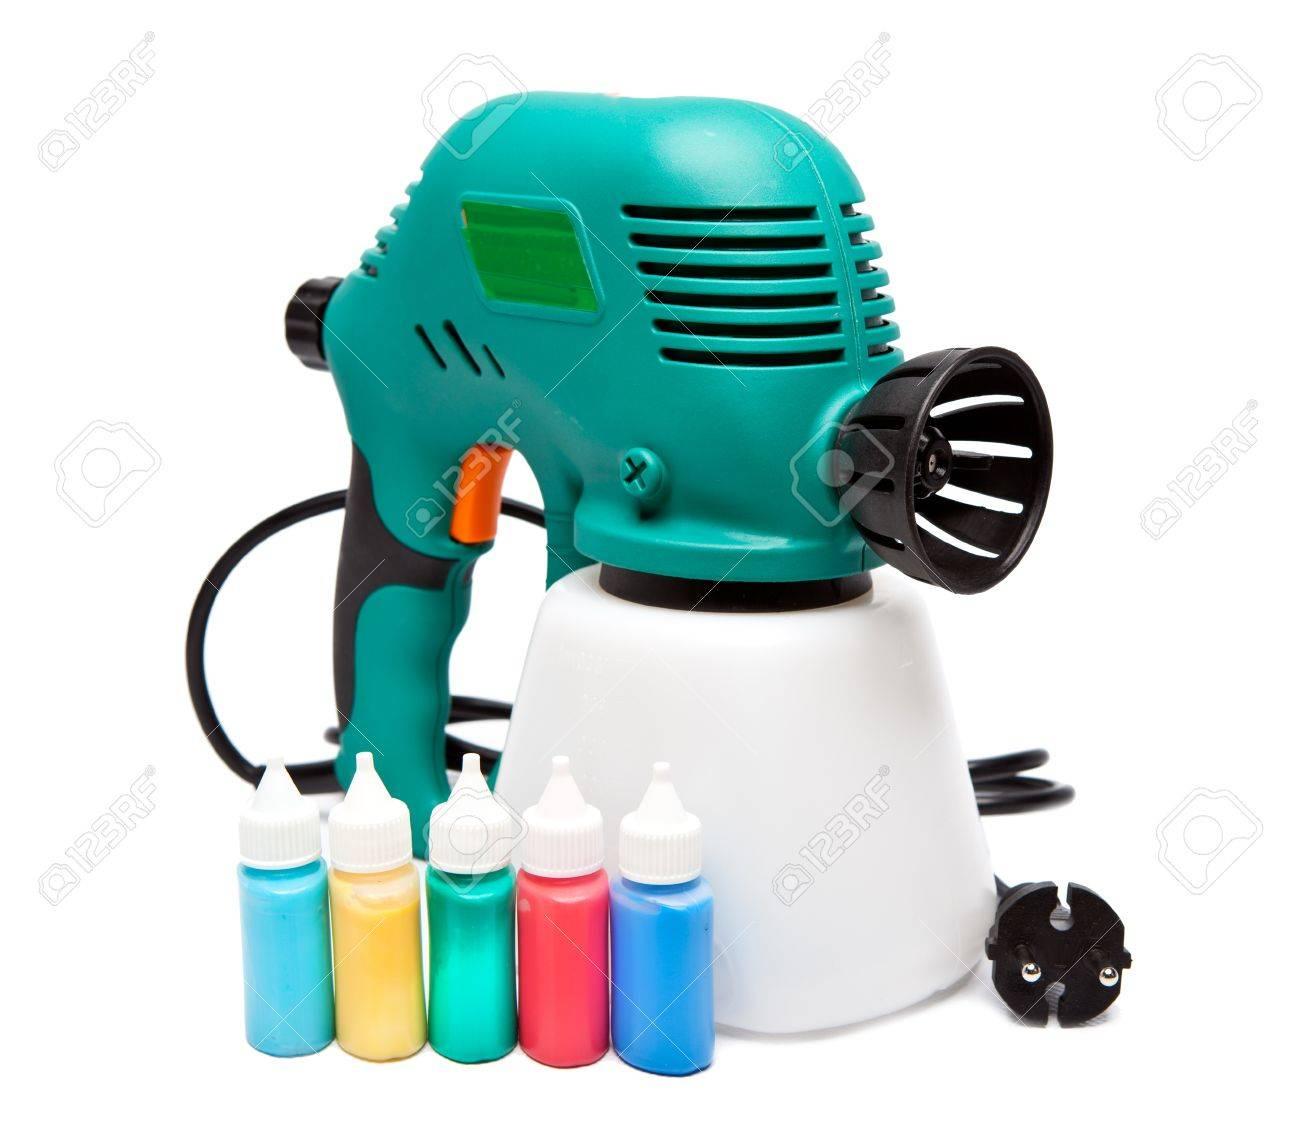 elektrische spritzpistole für färbung, für farb-pulverisierung und